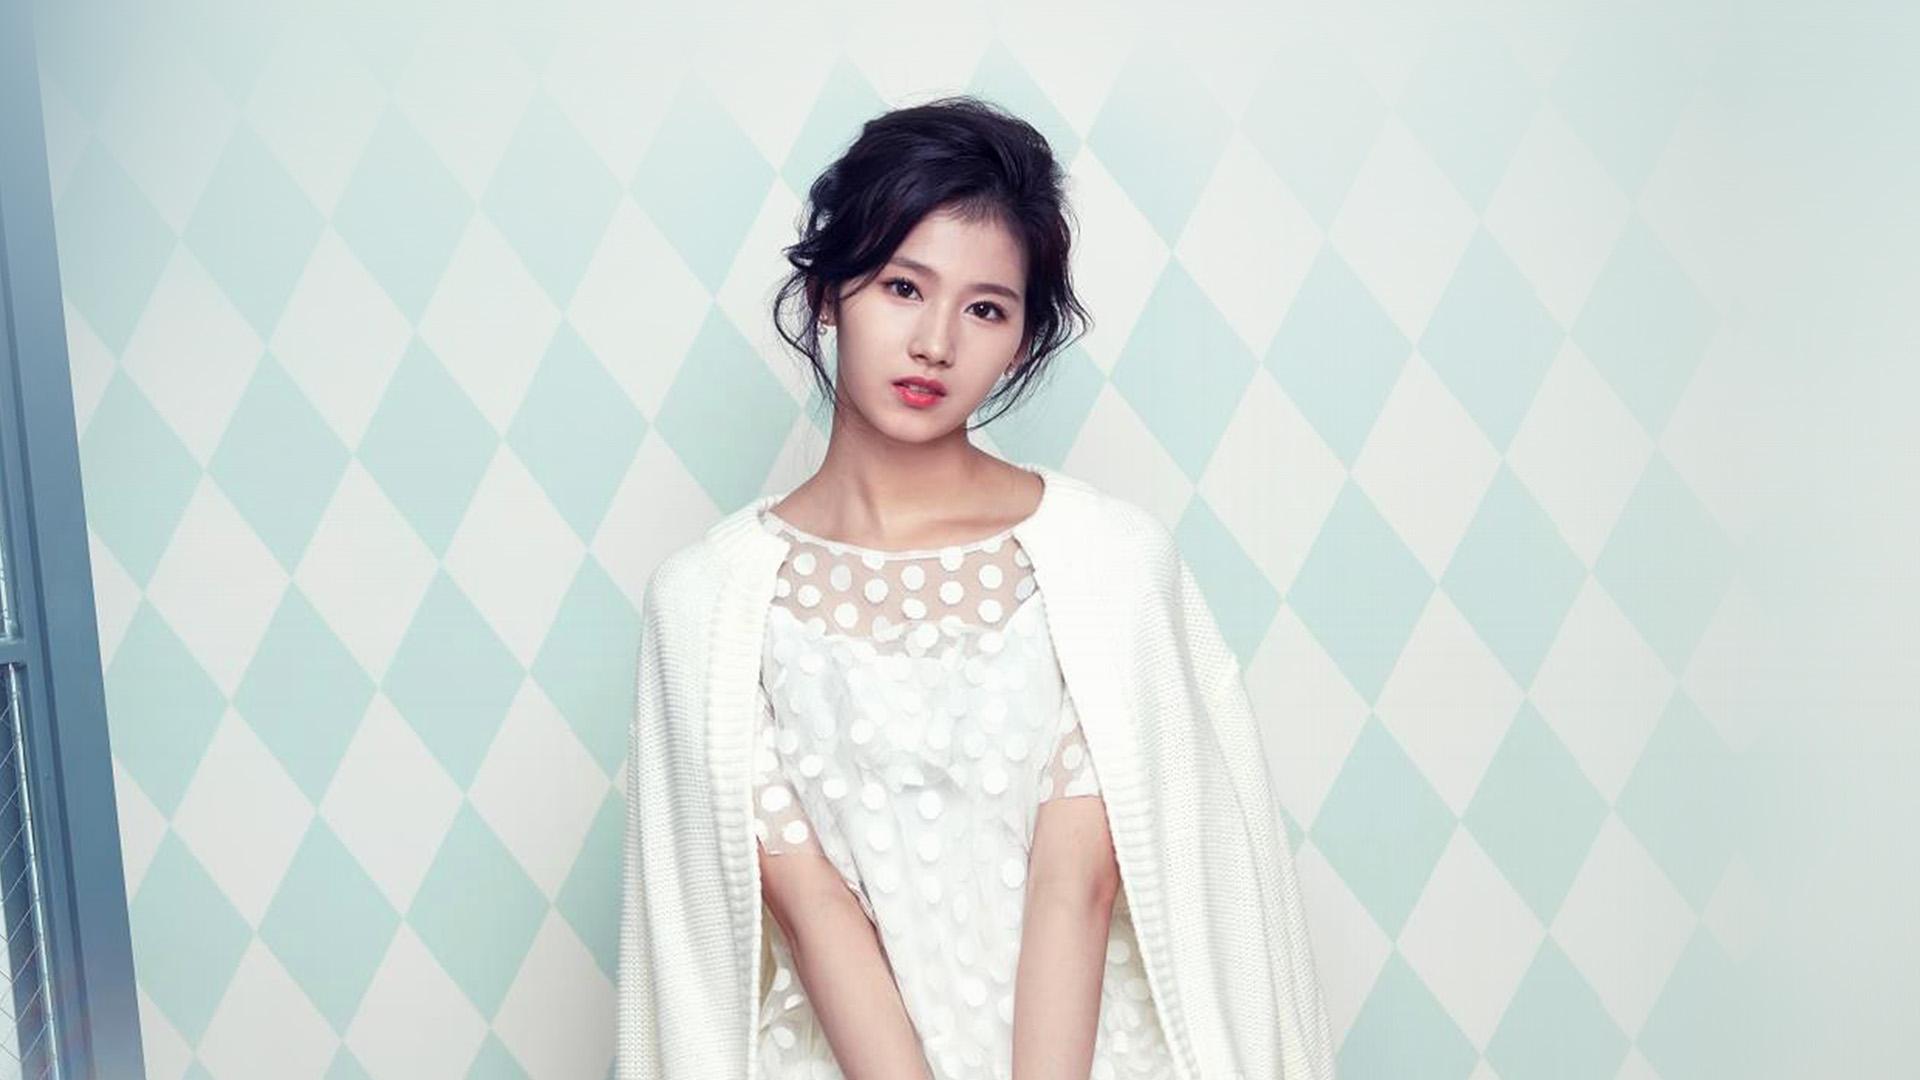 Korean Girl Wallpaper 1920x1080